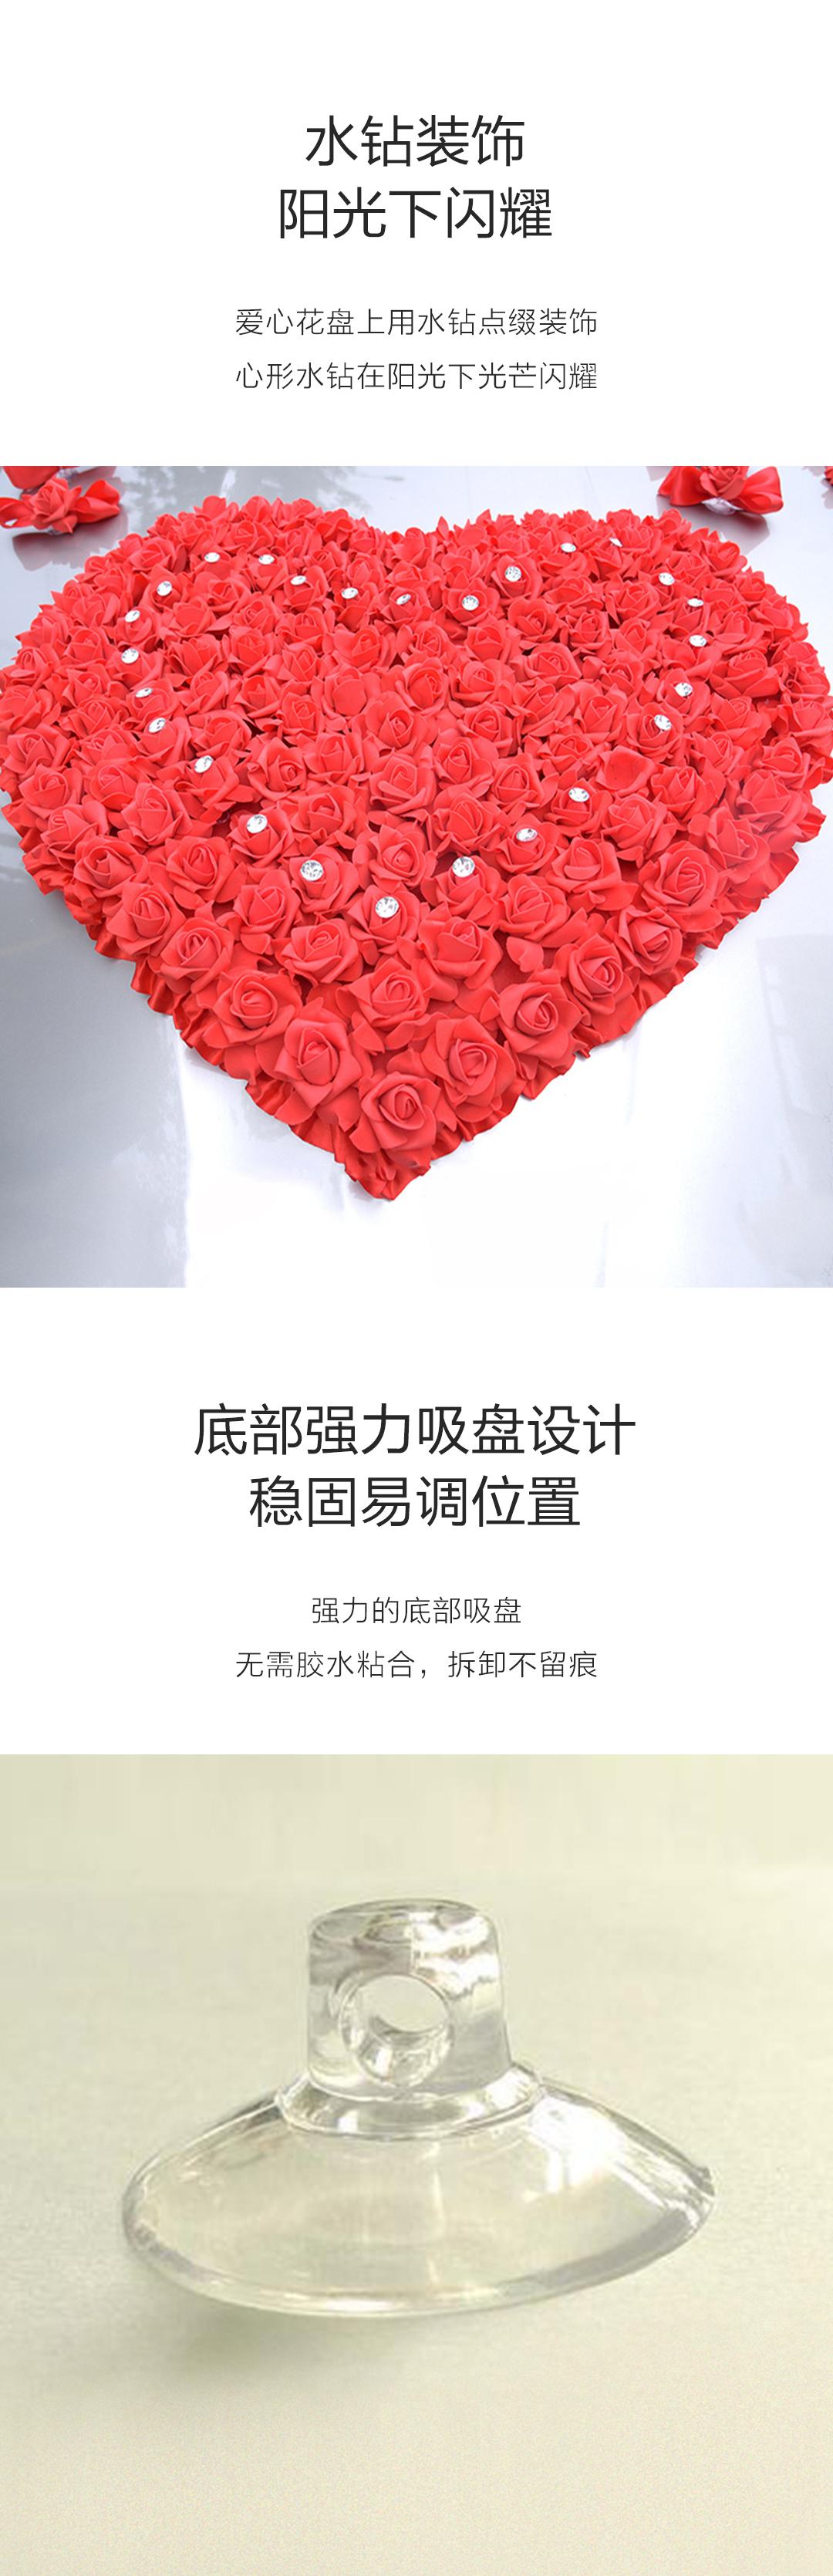 玫瑰婚车装饰套装